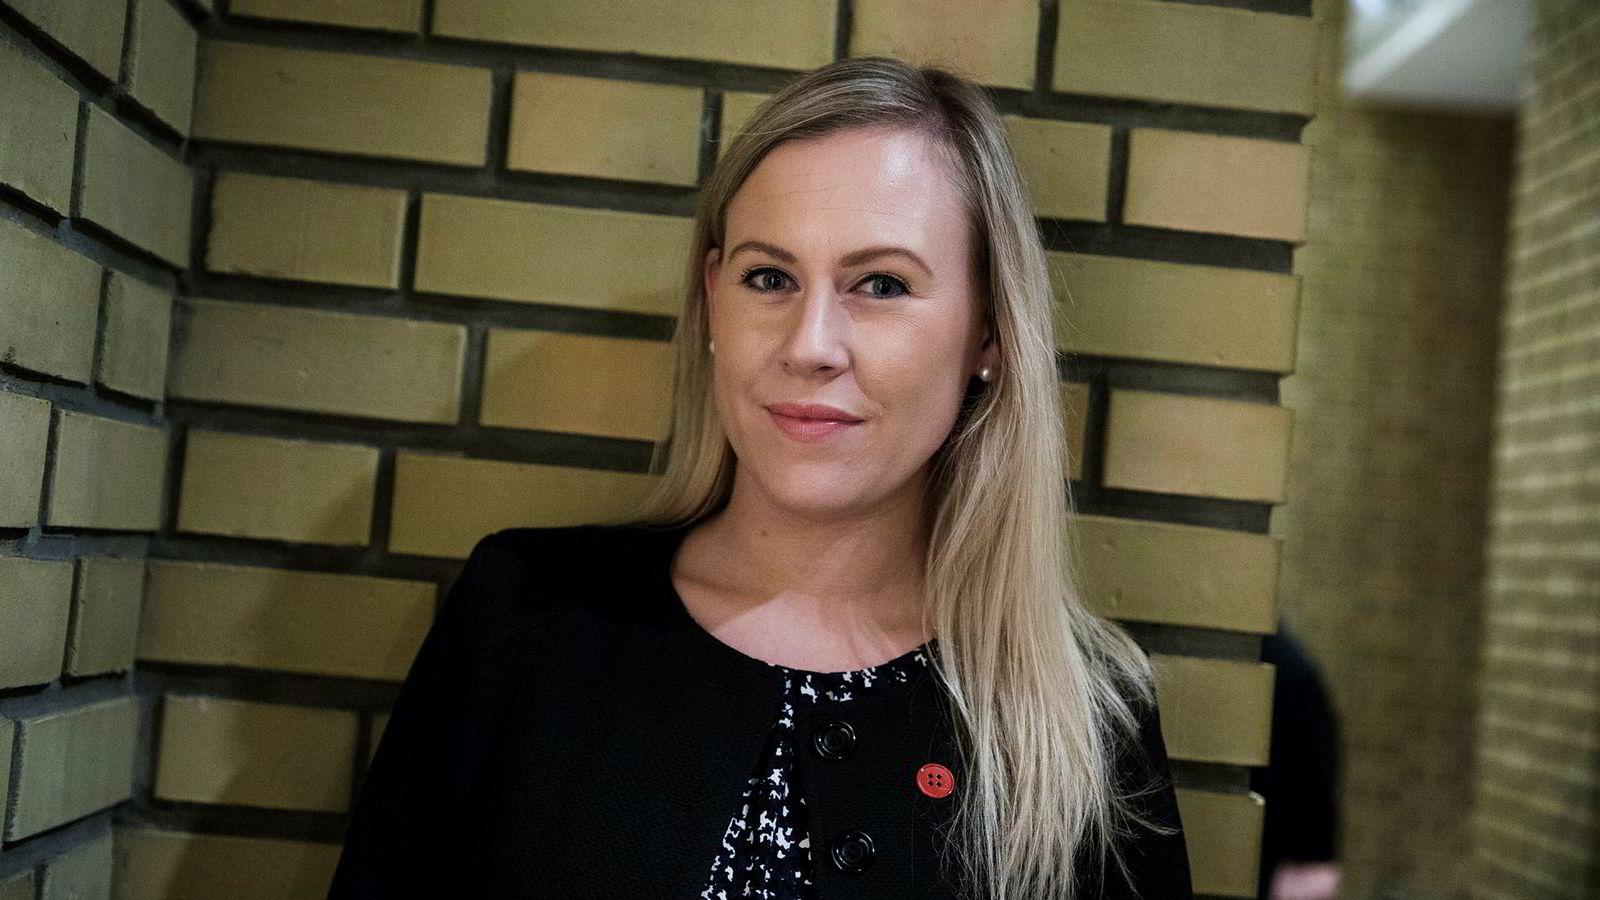 Politiet får kritikk fra blant andre Arbeiderpartiets justispolitiske talsperson Lene Vågslid etter at en afghansk familie som hadde fått avslag på asylsøknaden ble hentet ut av et hus eid av en menighet i Fitjar.